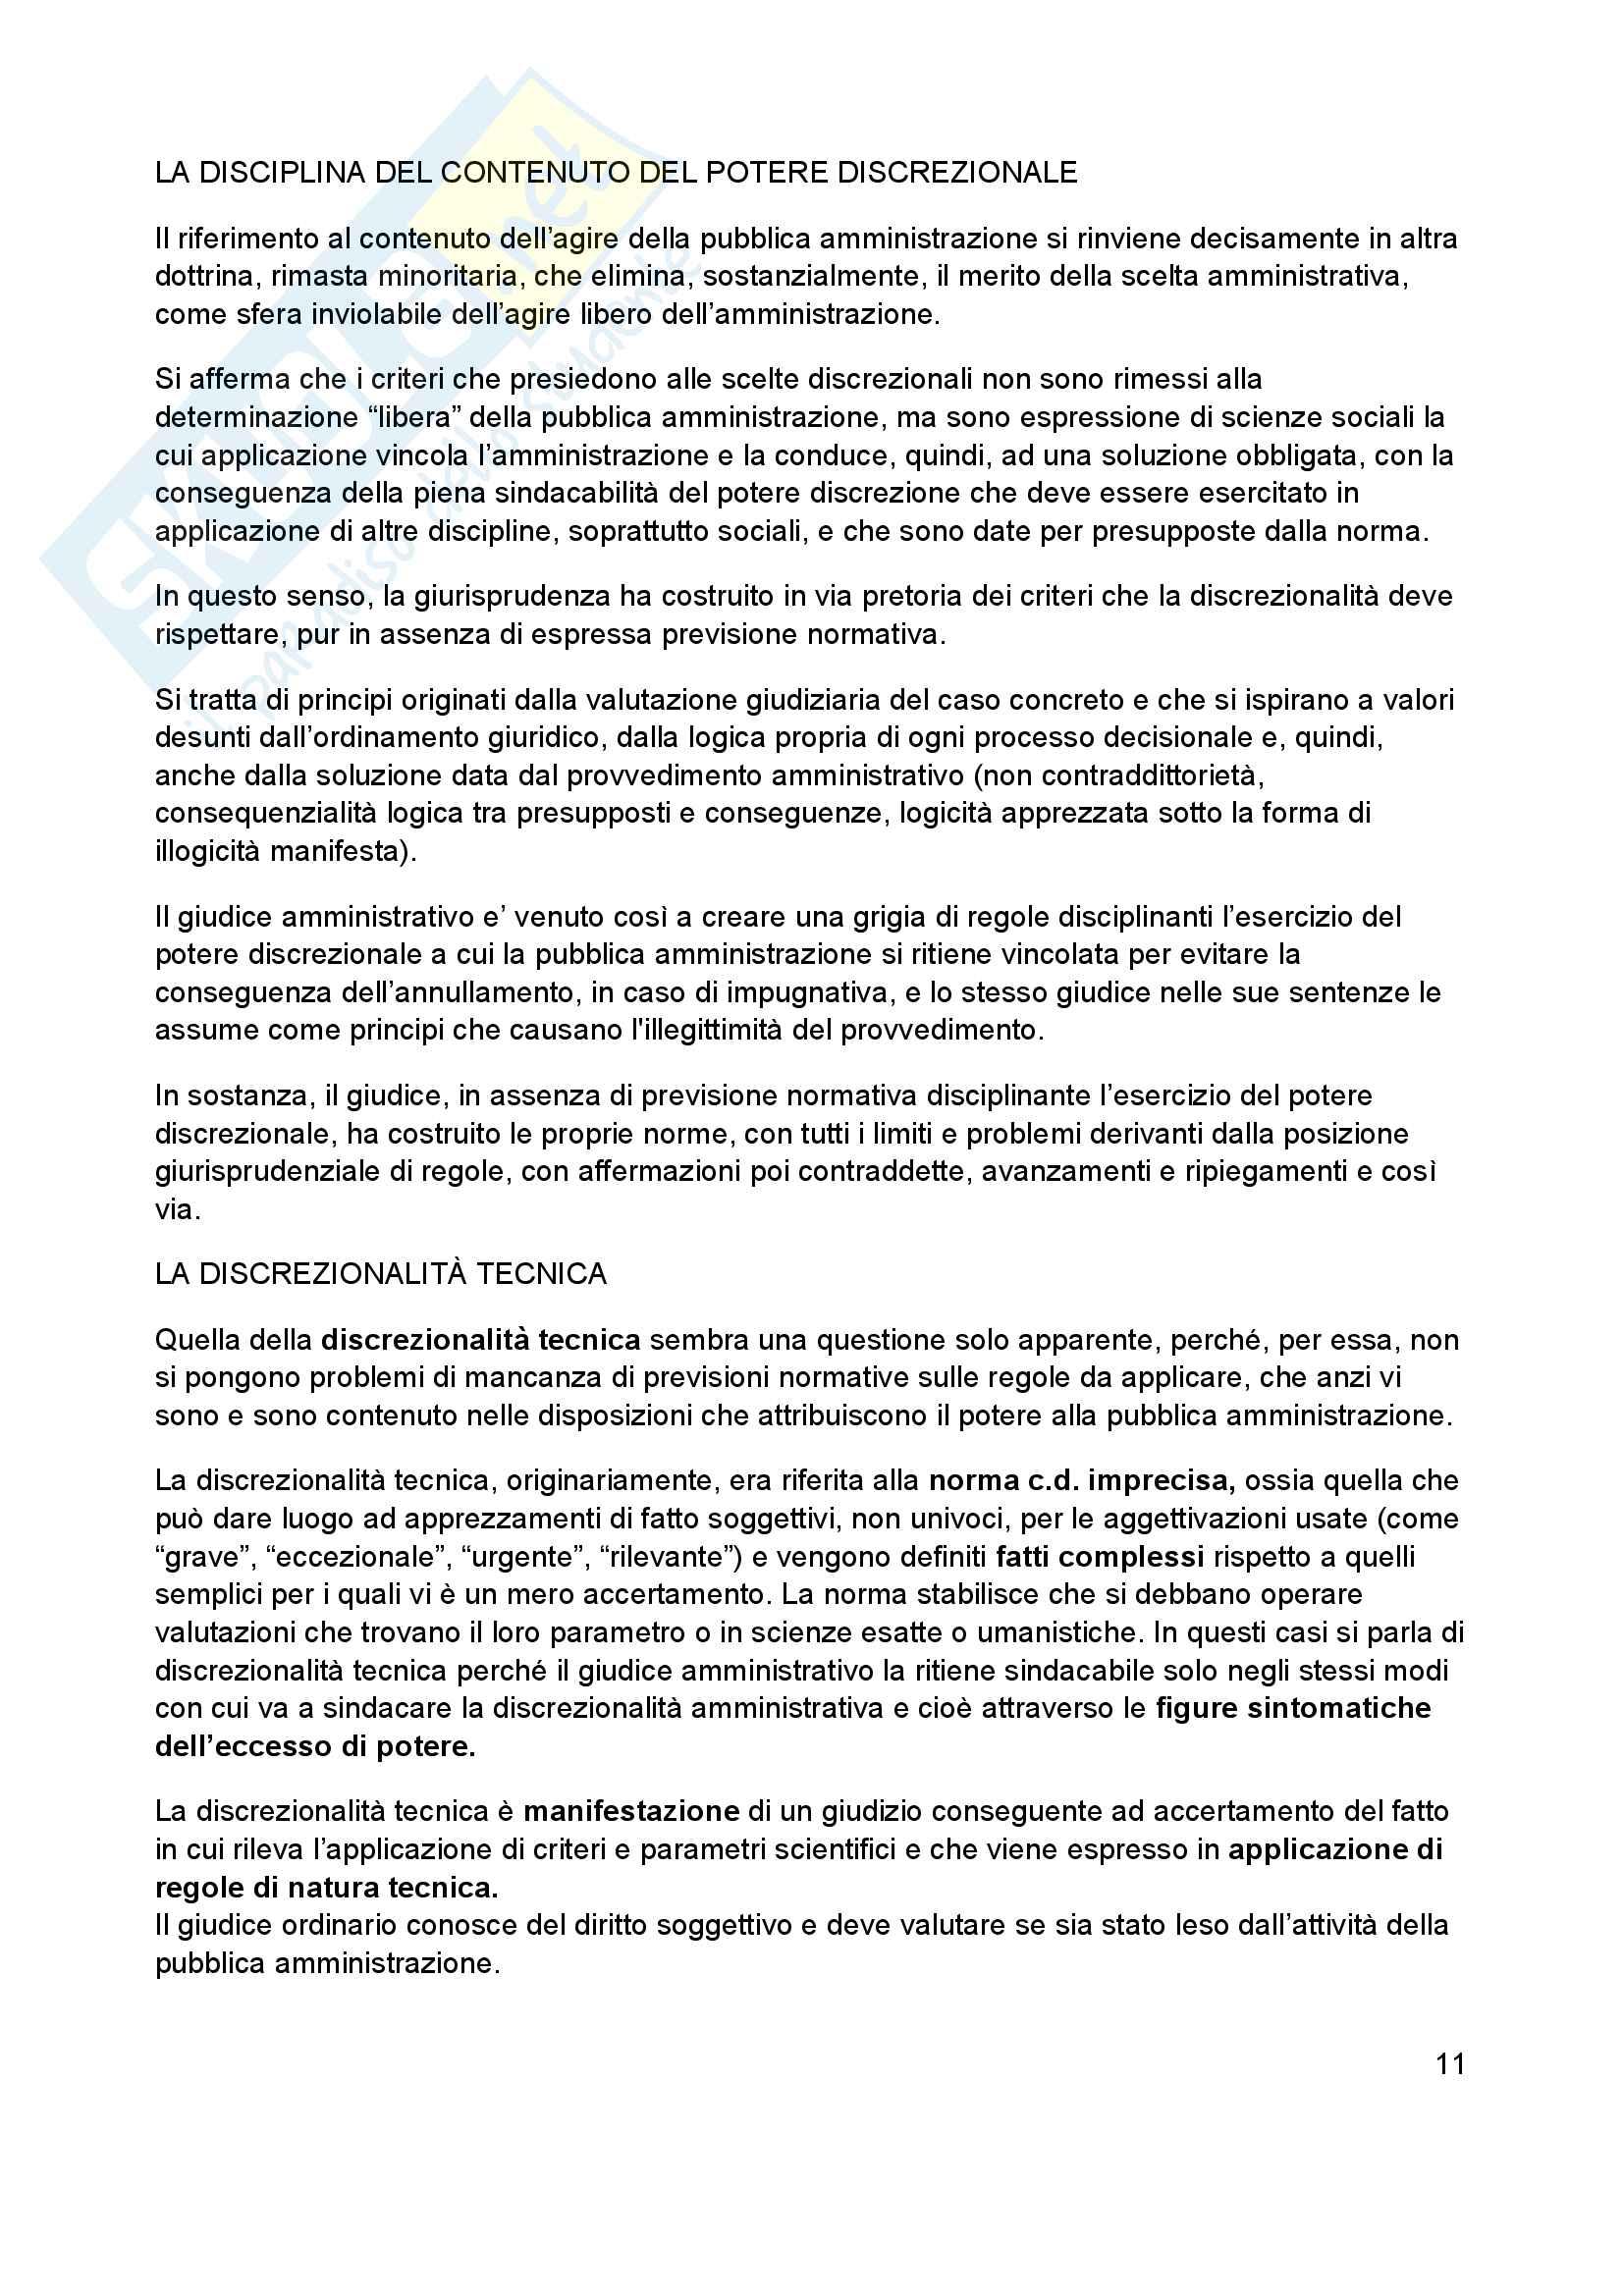 Appunti personali sul Diritto amministrativo 2015 Pag. 11